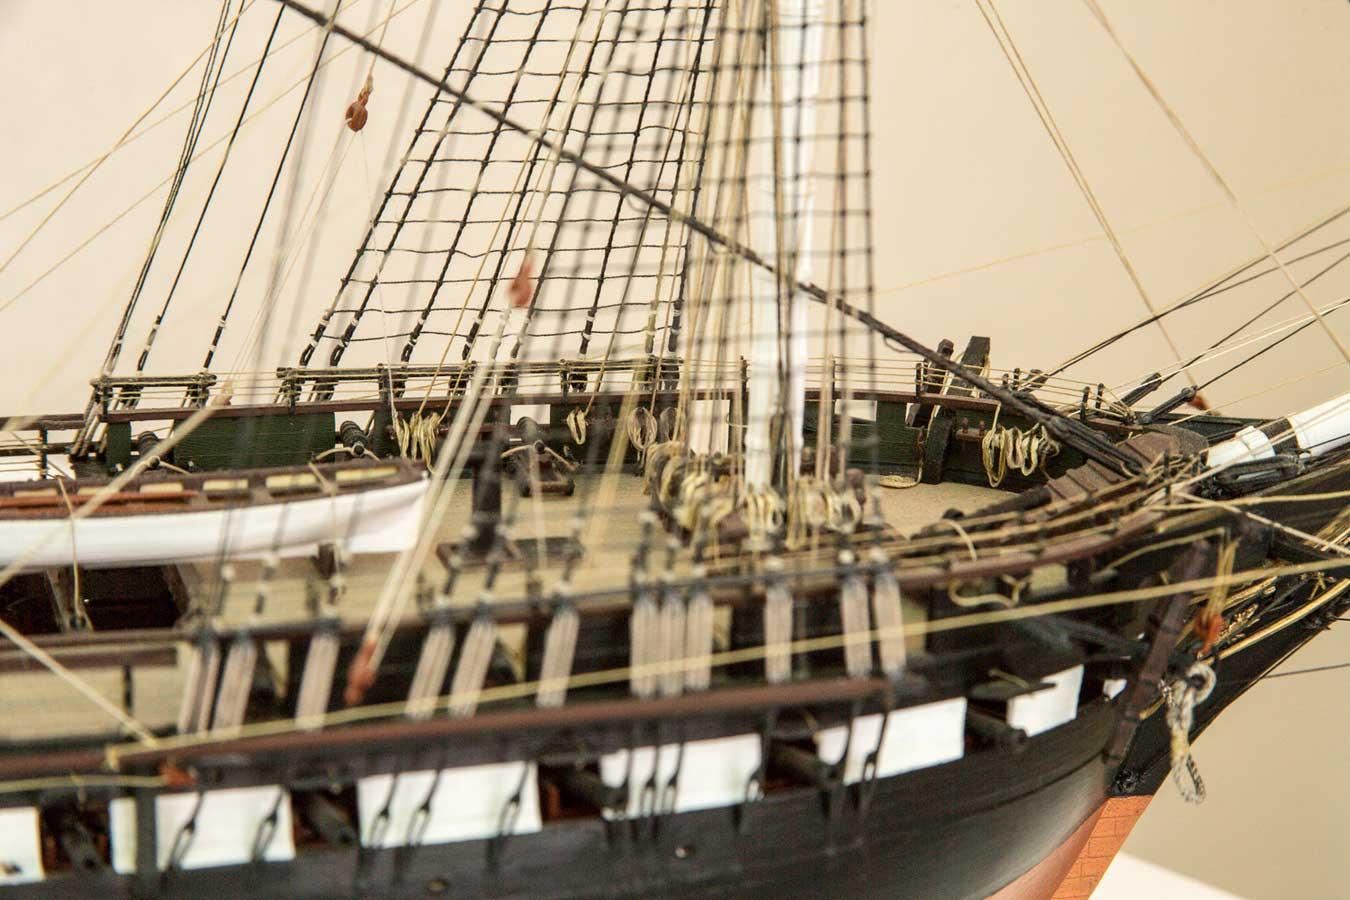 Plastic Model SHIP Kits  eBay